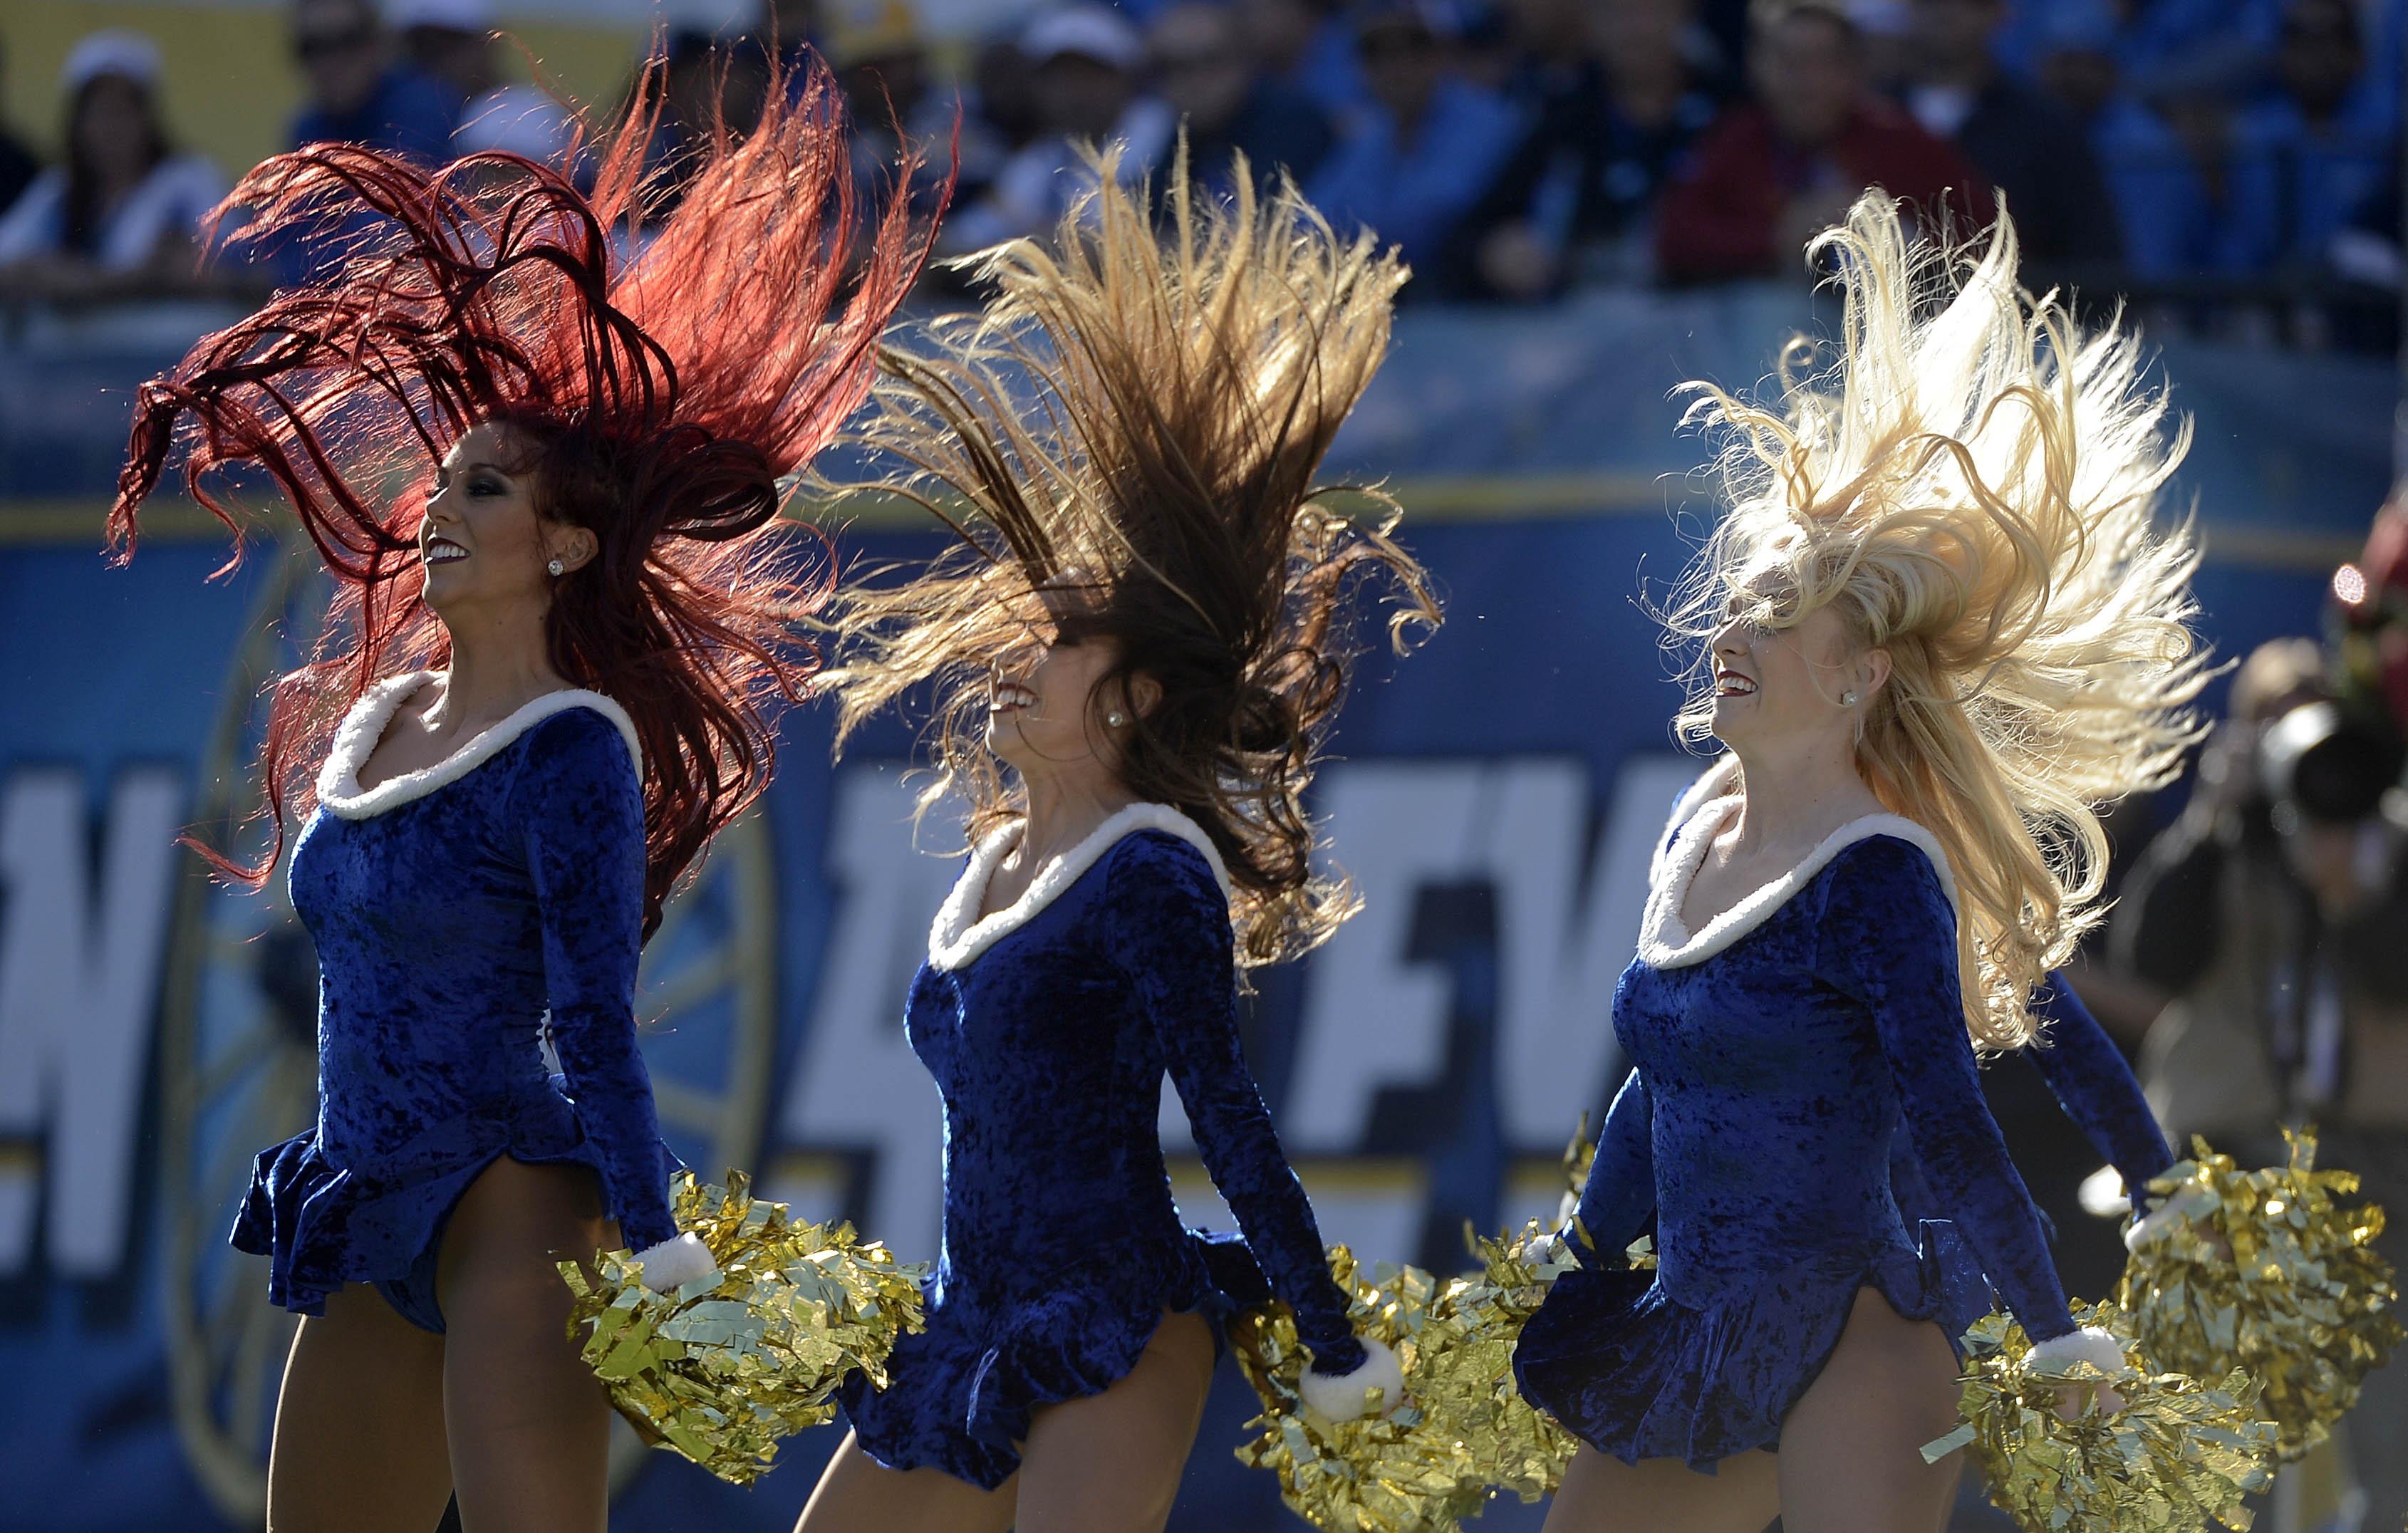 Виа Гра в американском футболе: Девушки из группы поддержки Сан-Диего Чарджерс (брюнетка, блондинка и рыжая) выступают в перерыве поединка против Окленд Рэйдерс